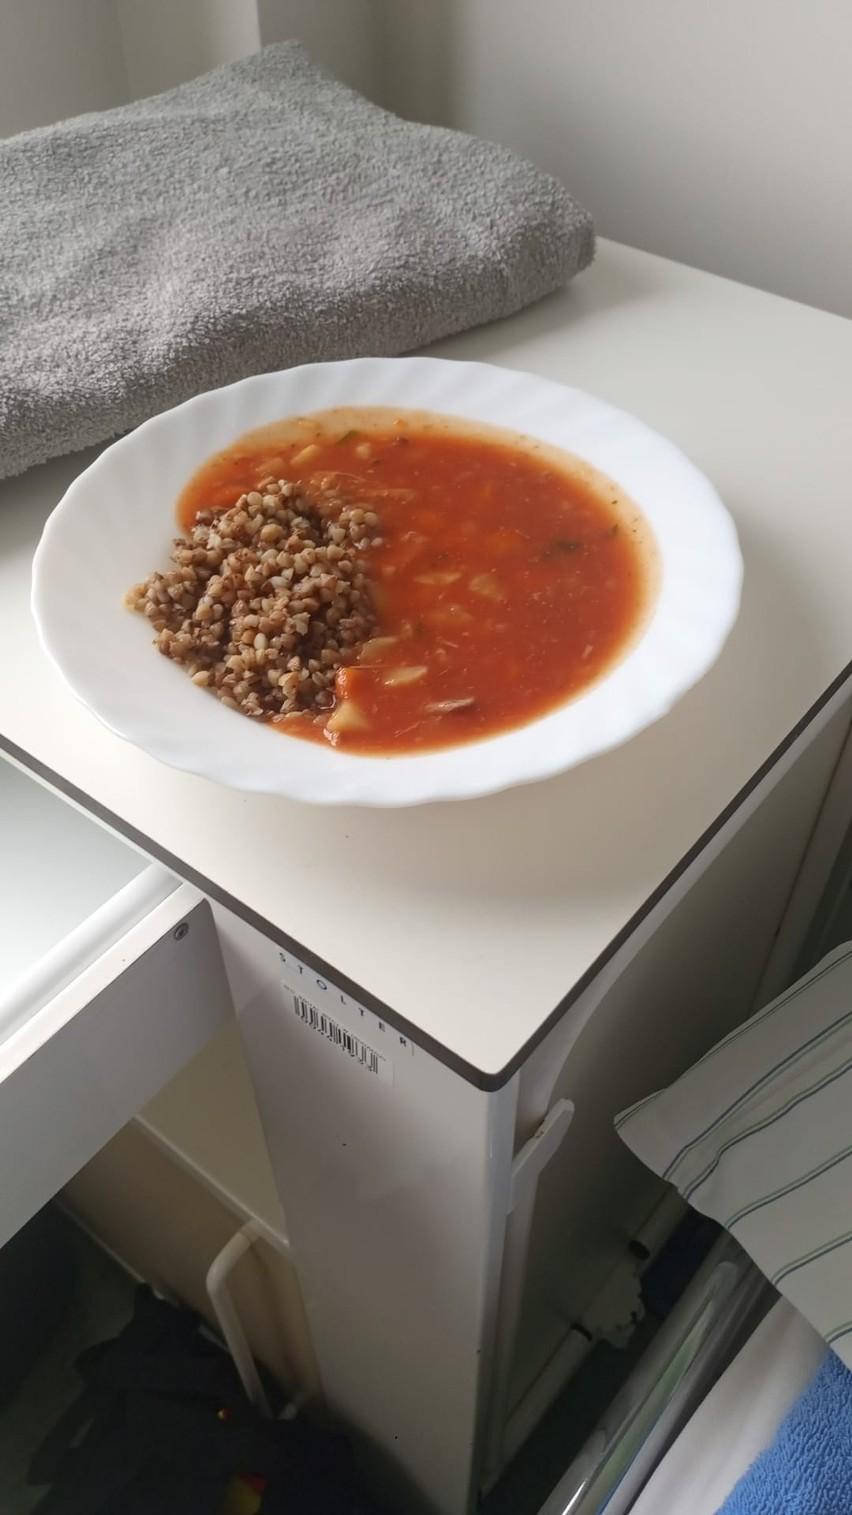 To trafia na talerze pacjentów w szpitalach na Pomorzu. Jest lepiej? Czytelnicy pokazali zdjęcia!